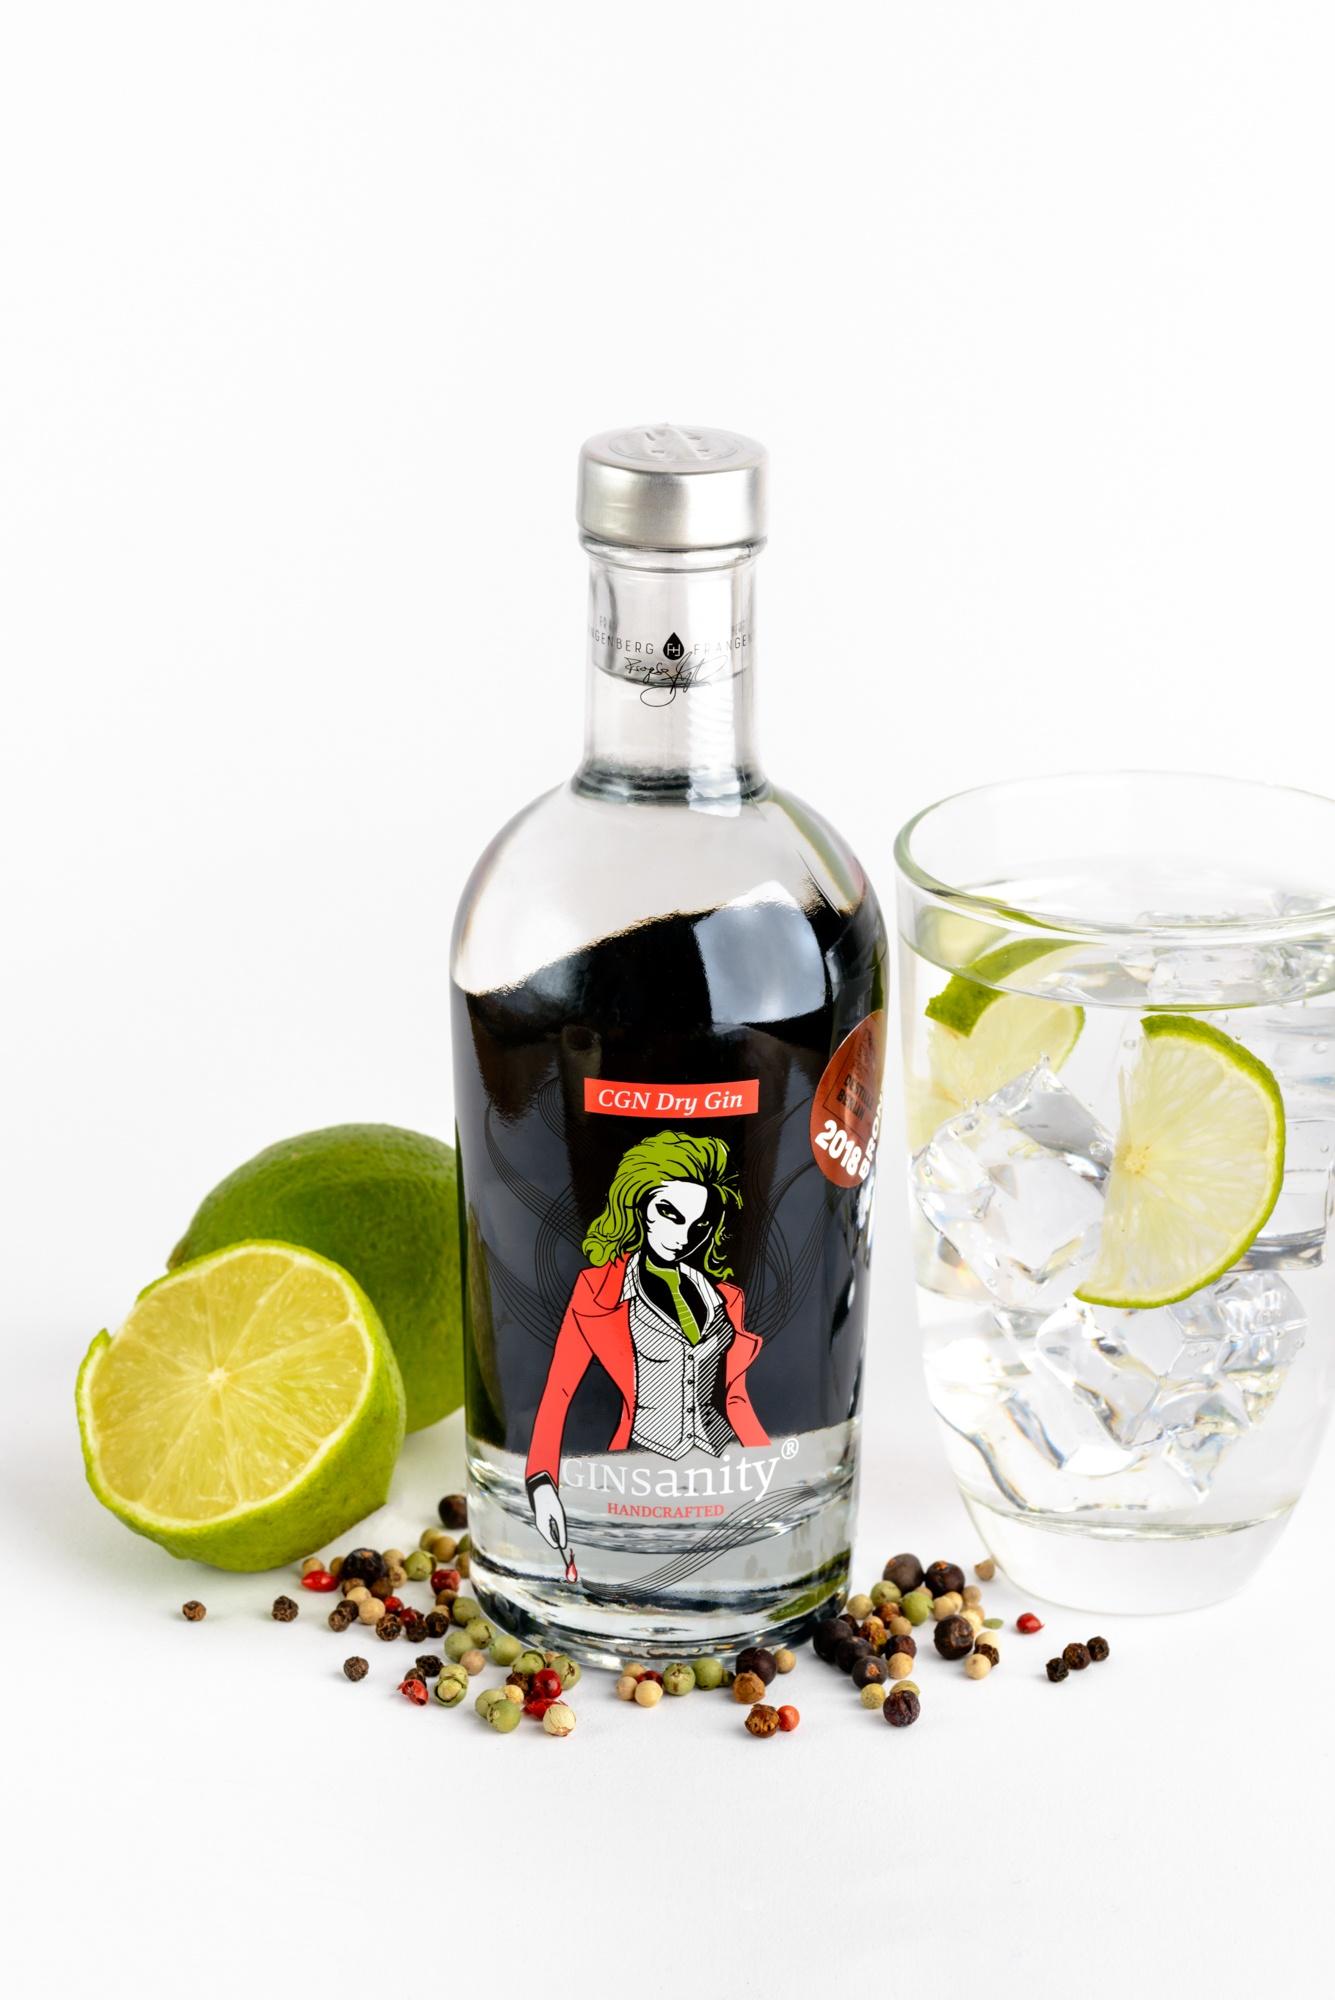 Eine Flasche Gin mit Gin Tonic, Limette und Pfeffer